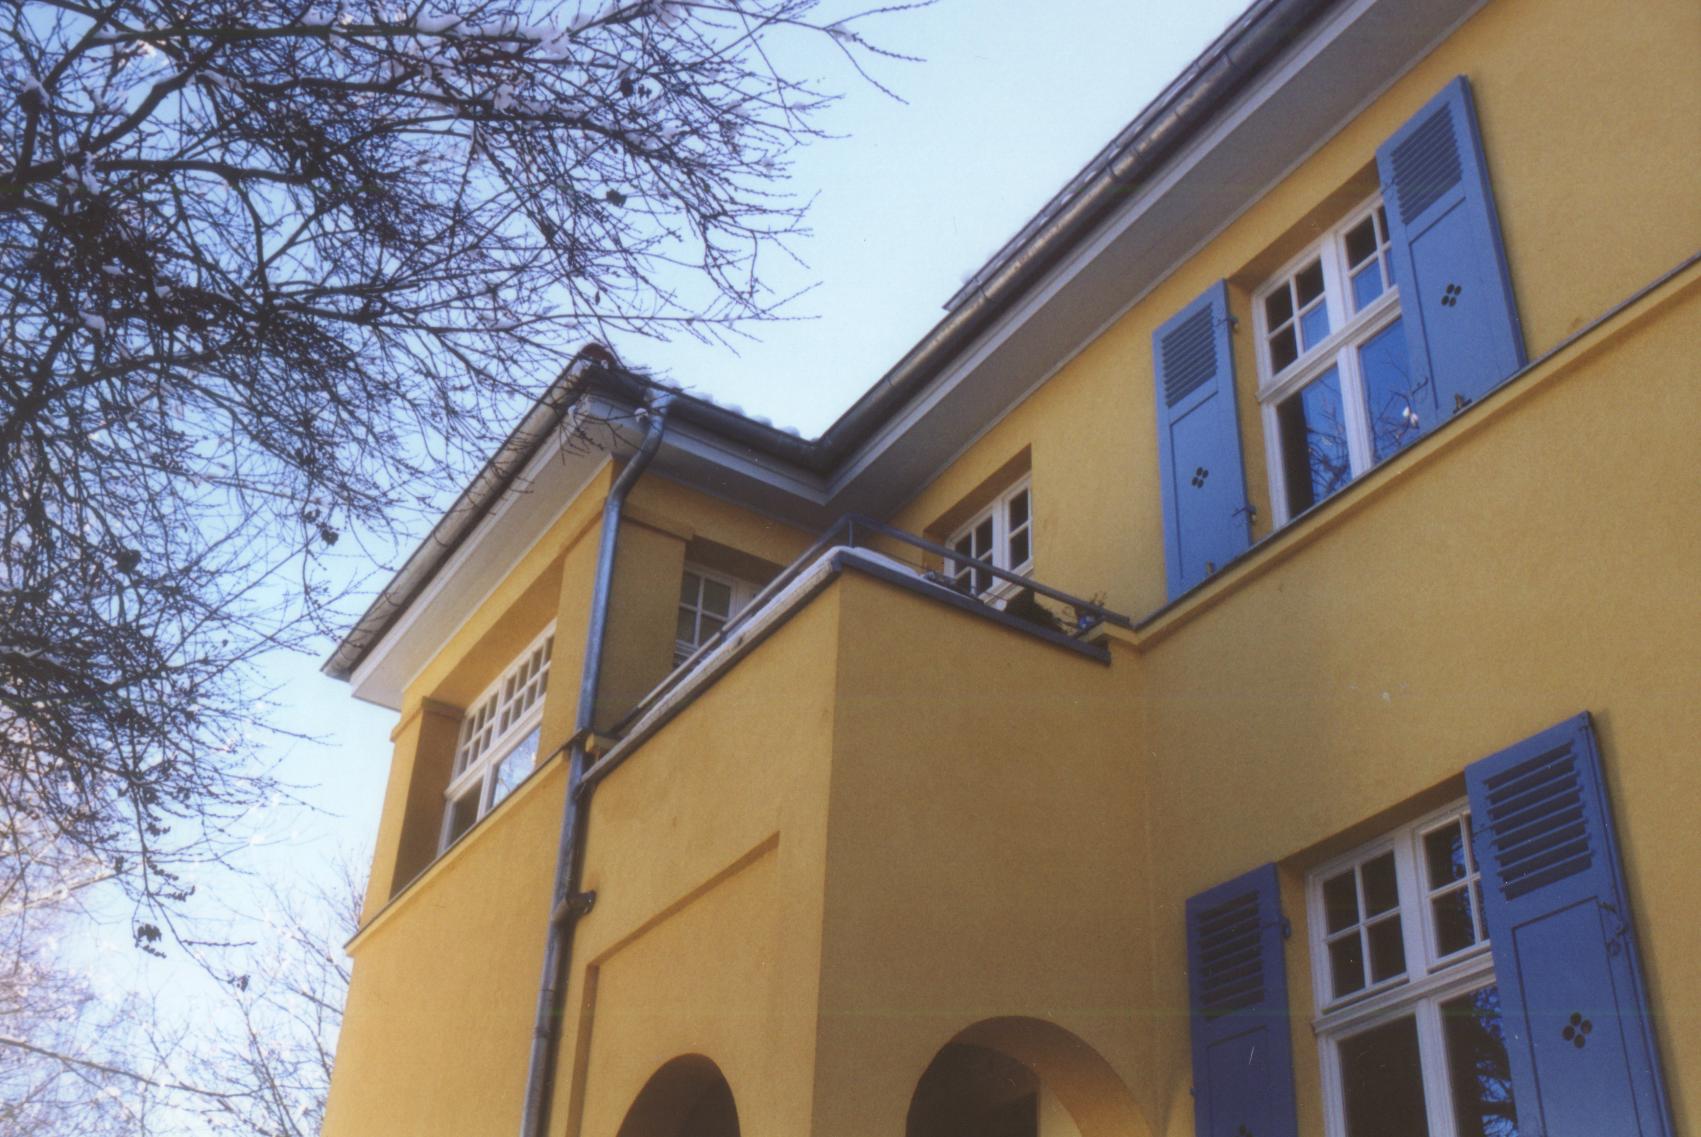 Villa Becher